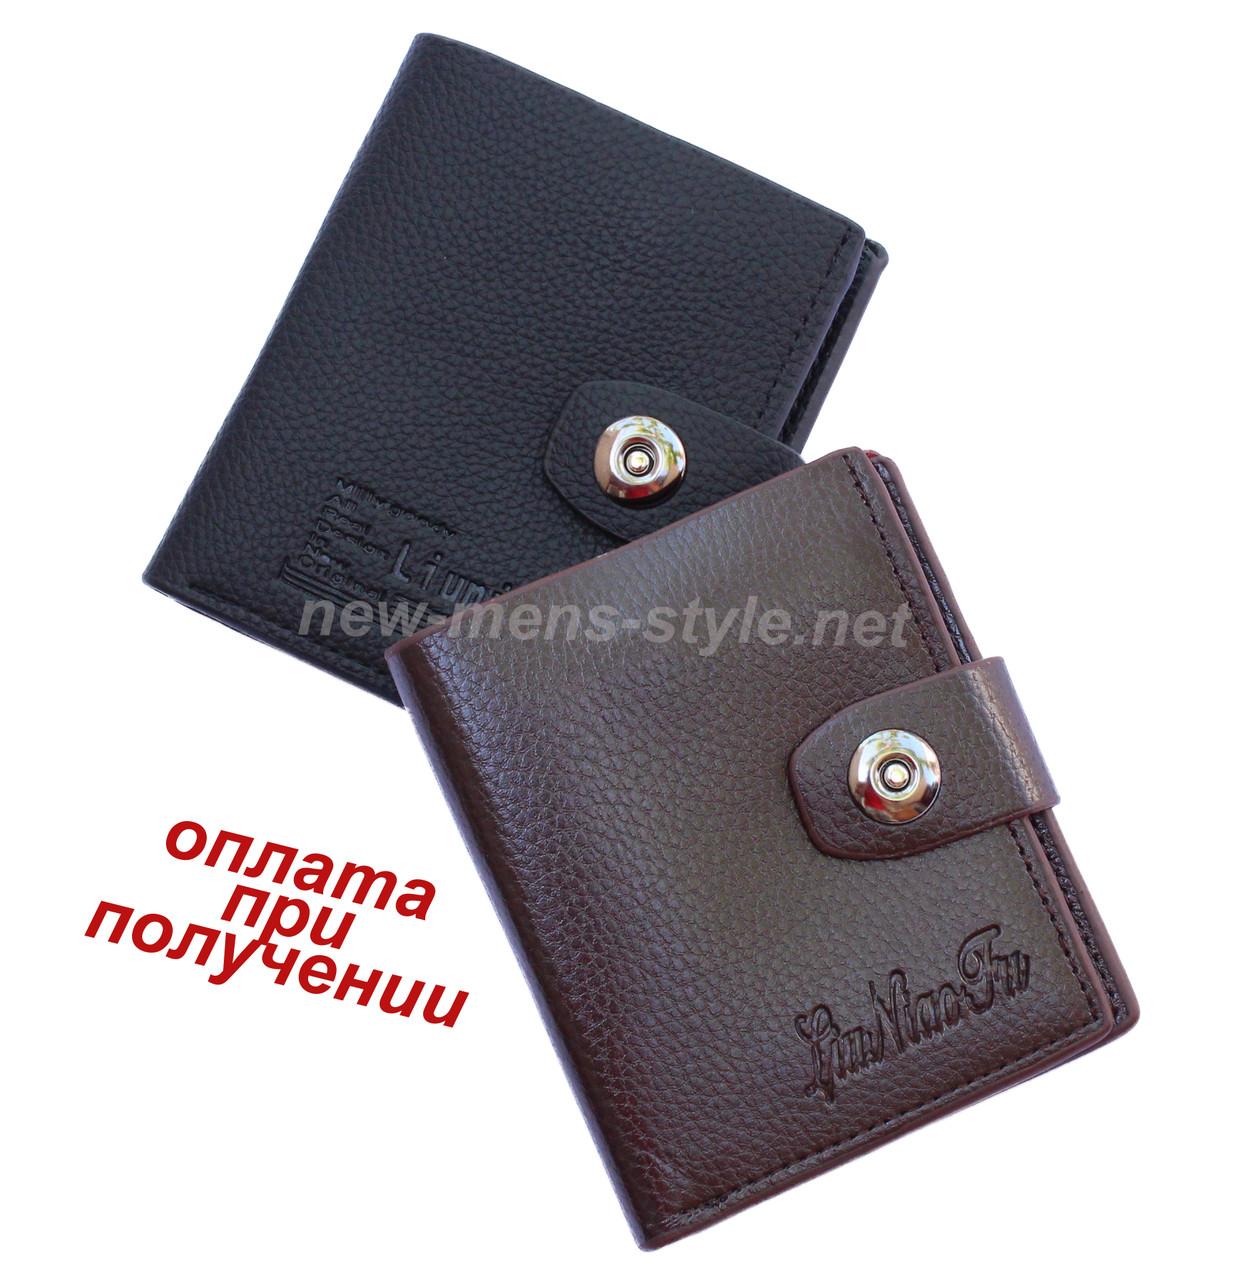 Чоловічий чоловічий шкіряний шкіряний гаманець портмоне гаманець Original